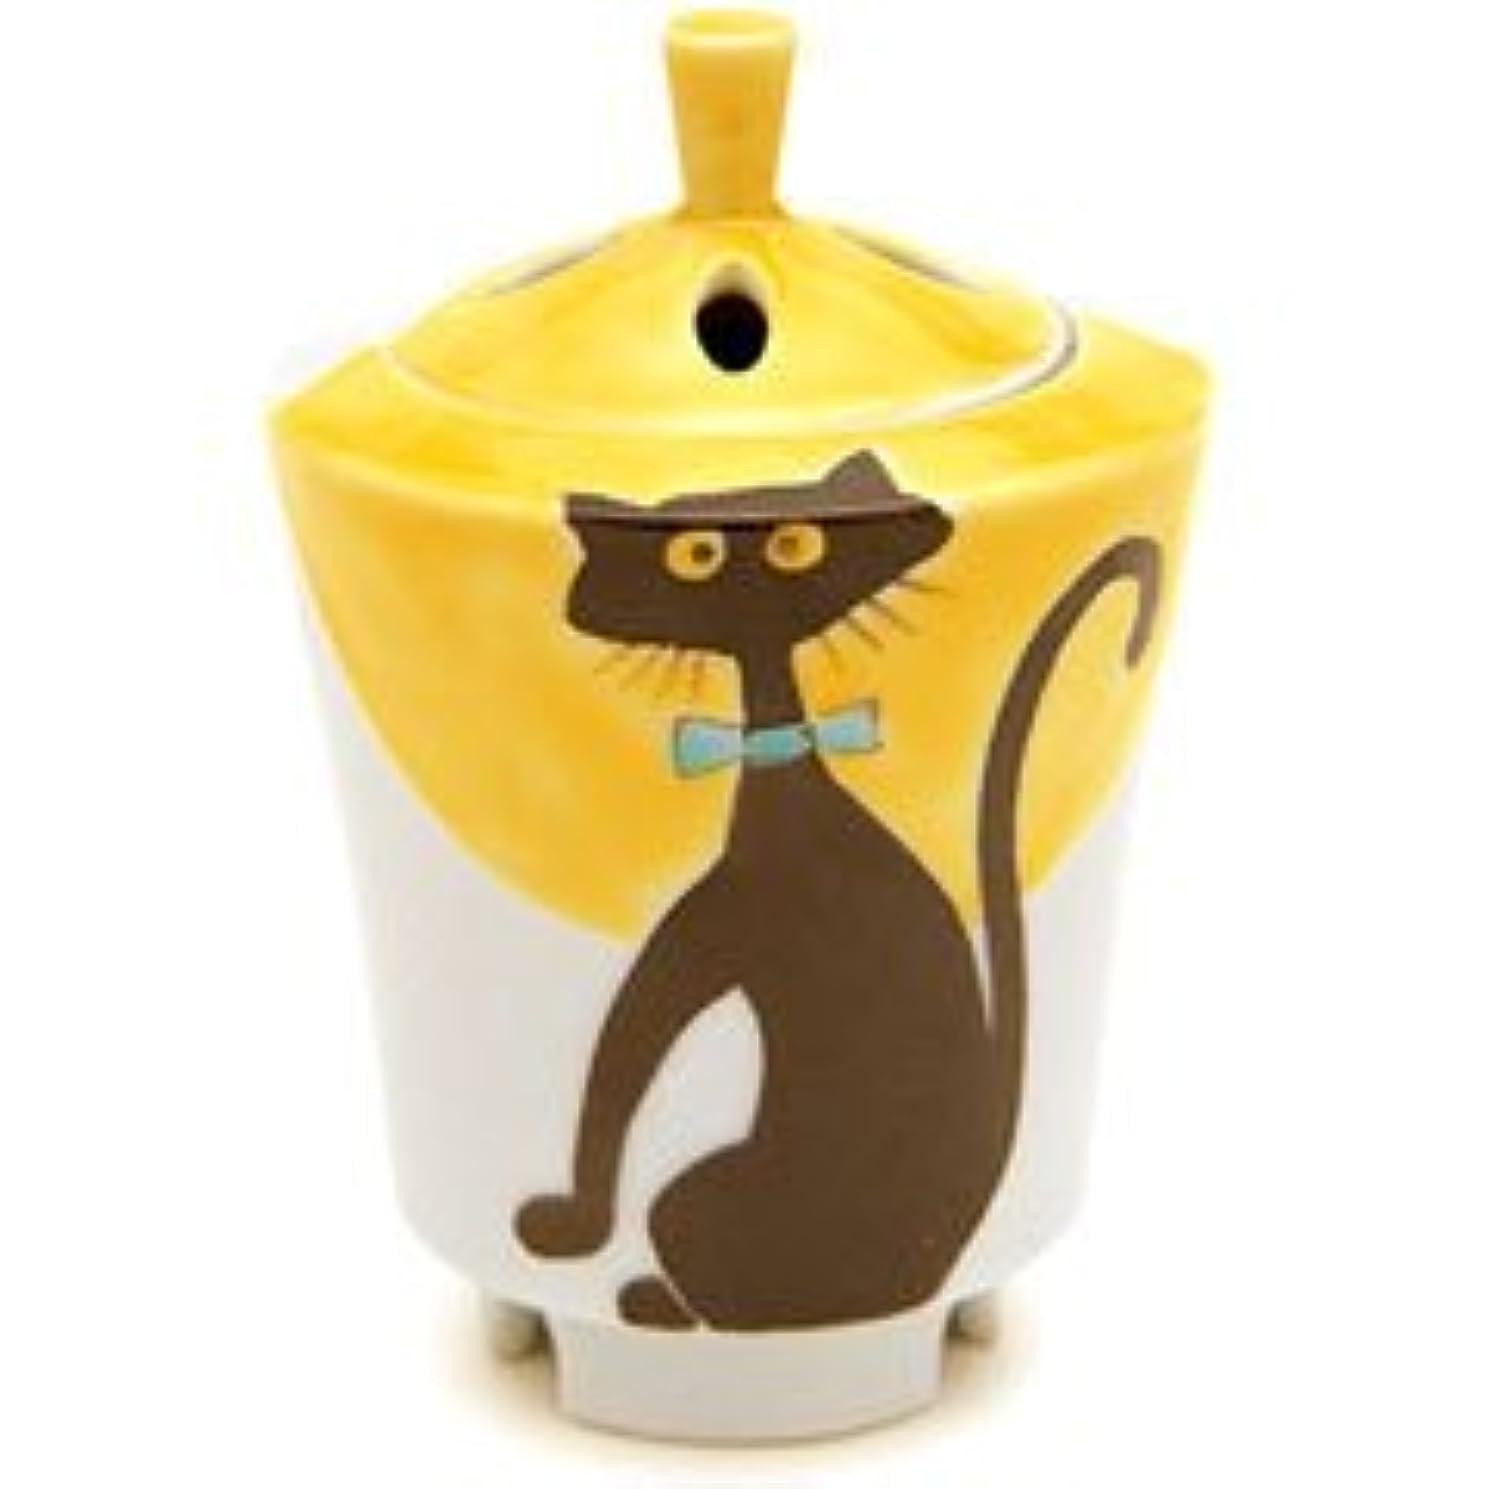 ぐるぐる壮大な酔って香炉 流麗 黒猫